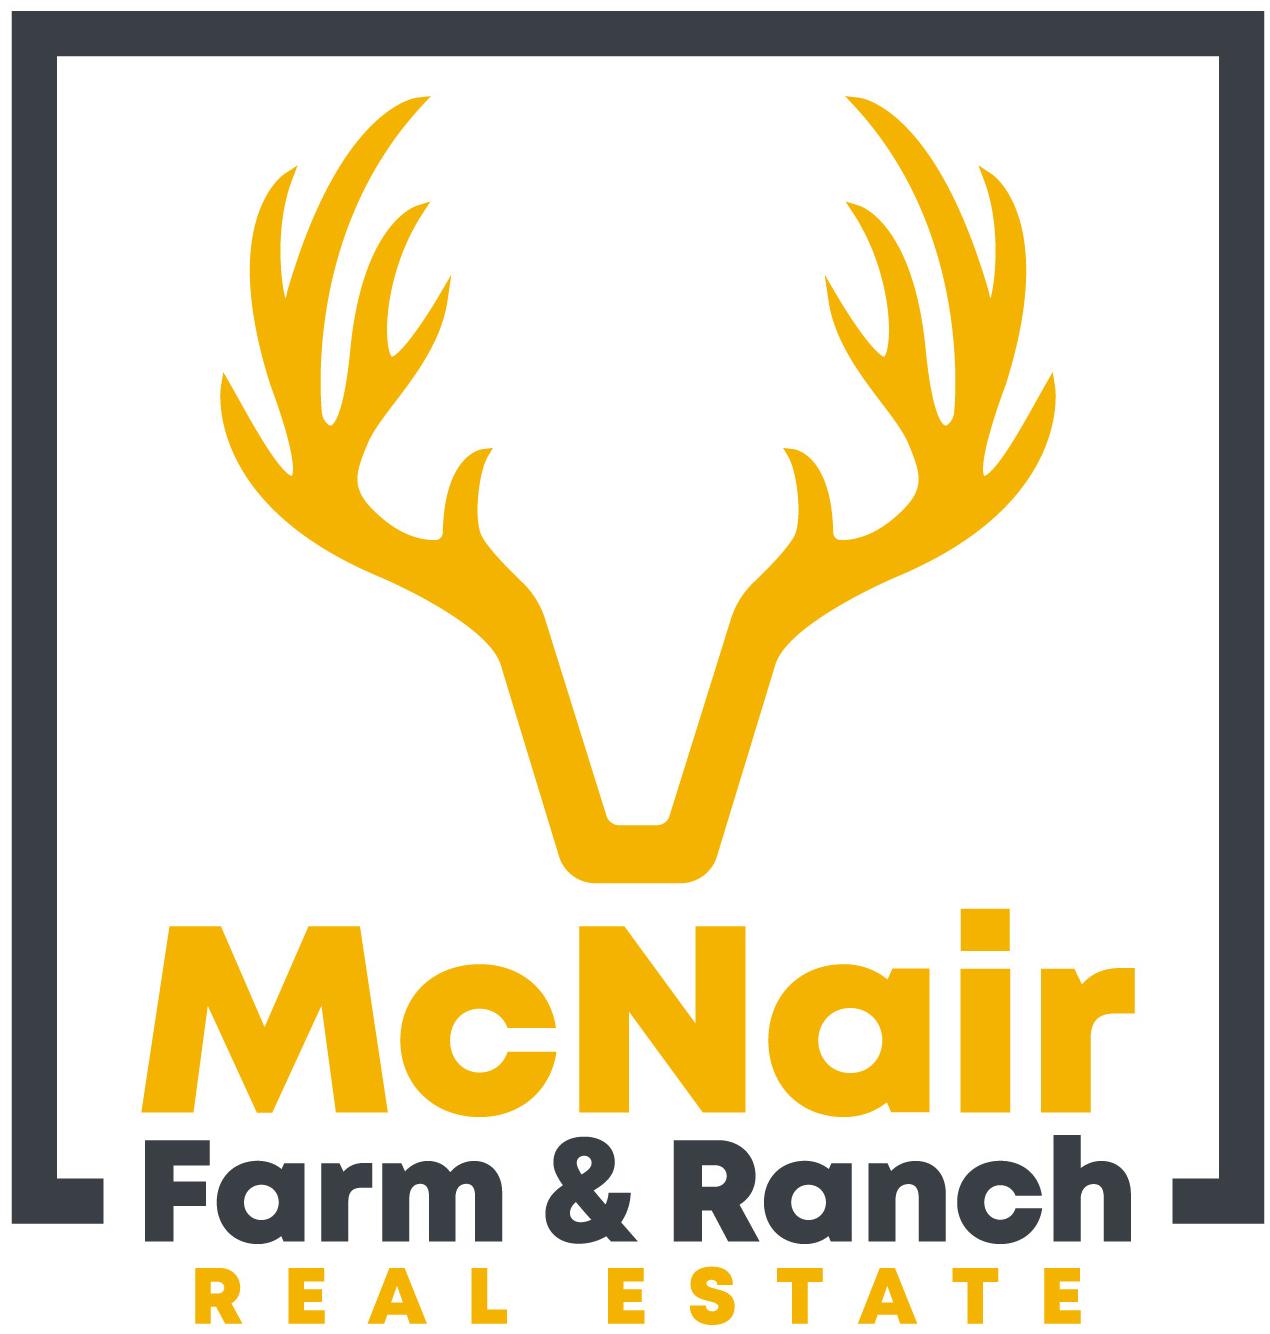 McNair Farm & Ranch Real Estate